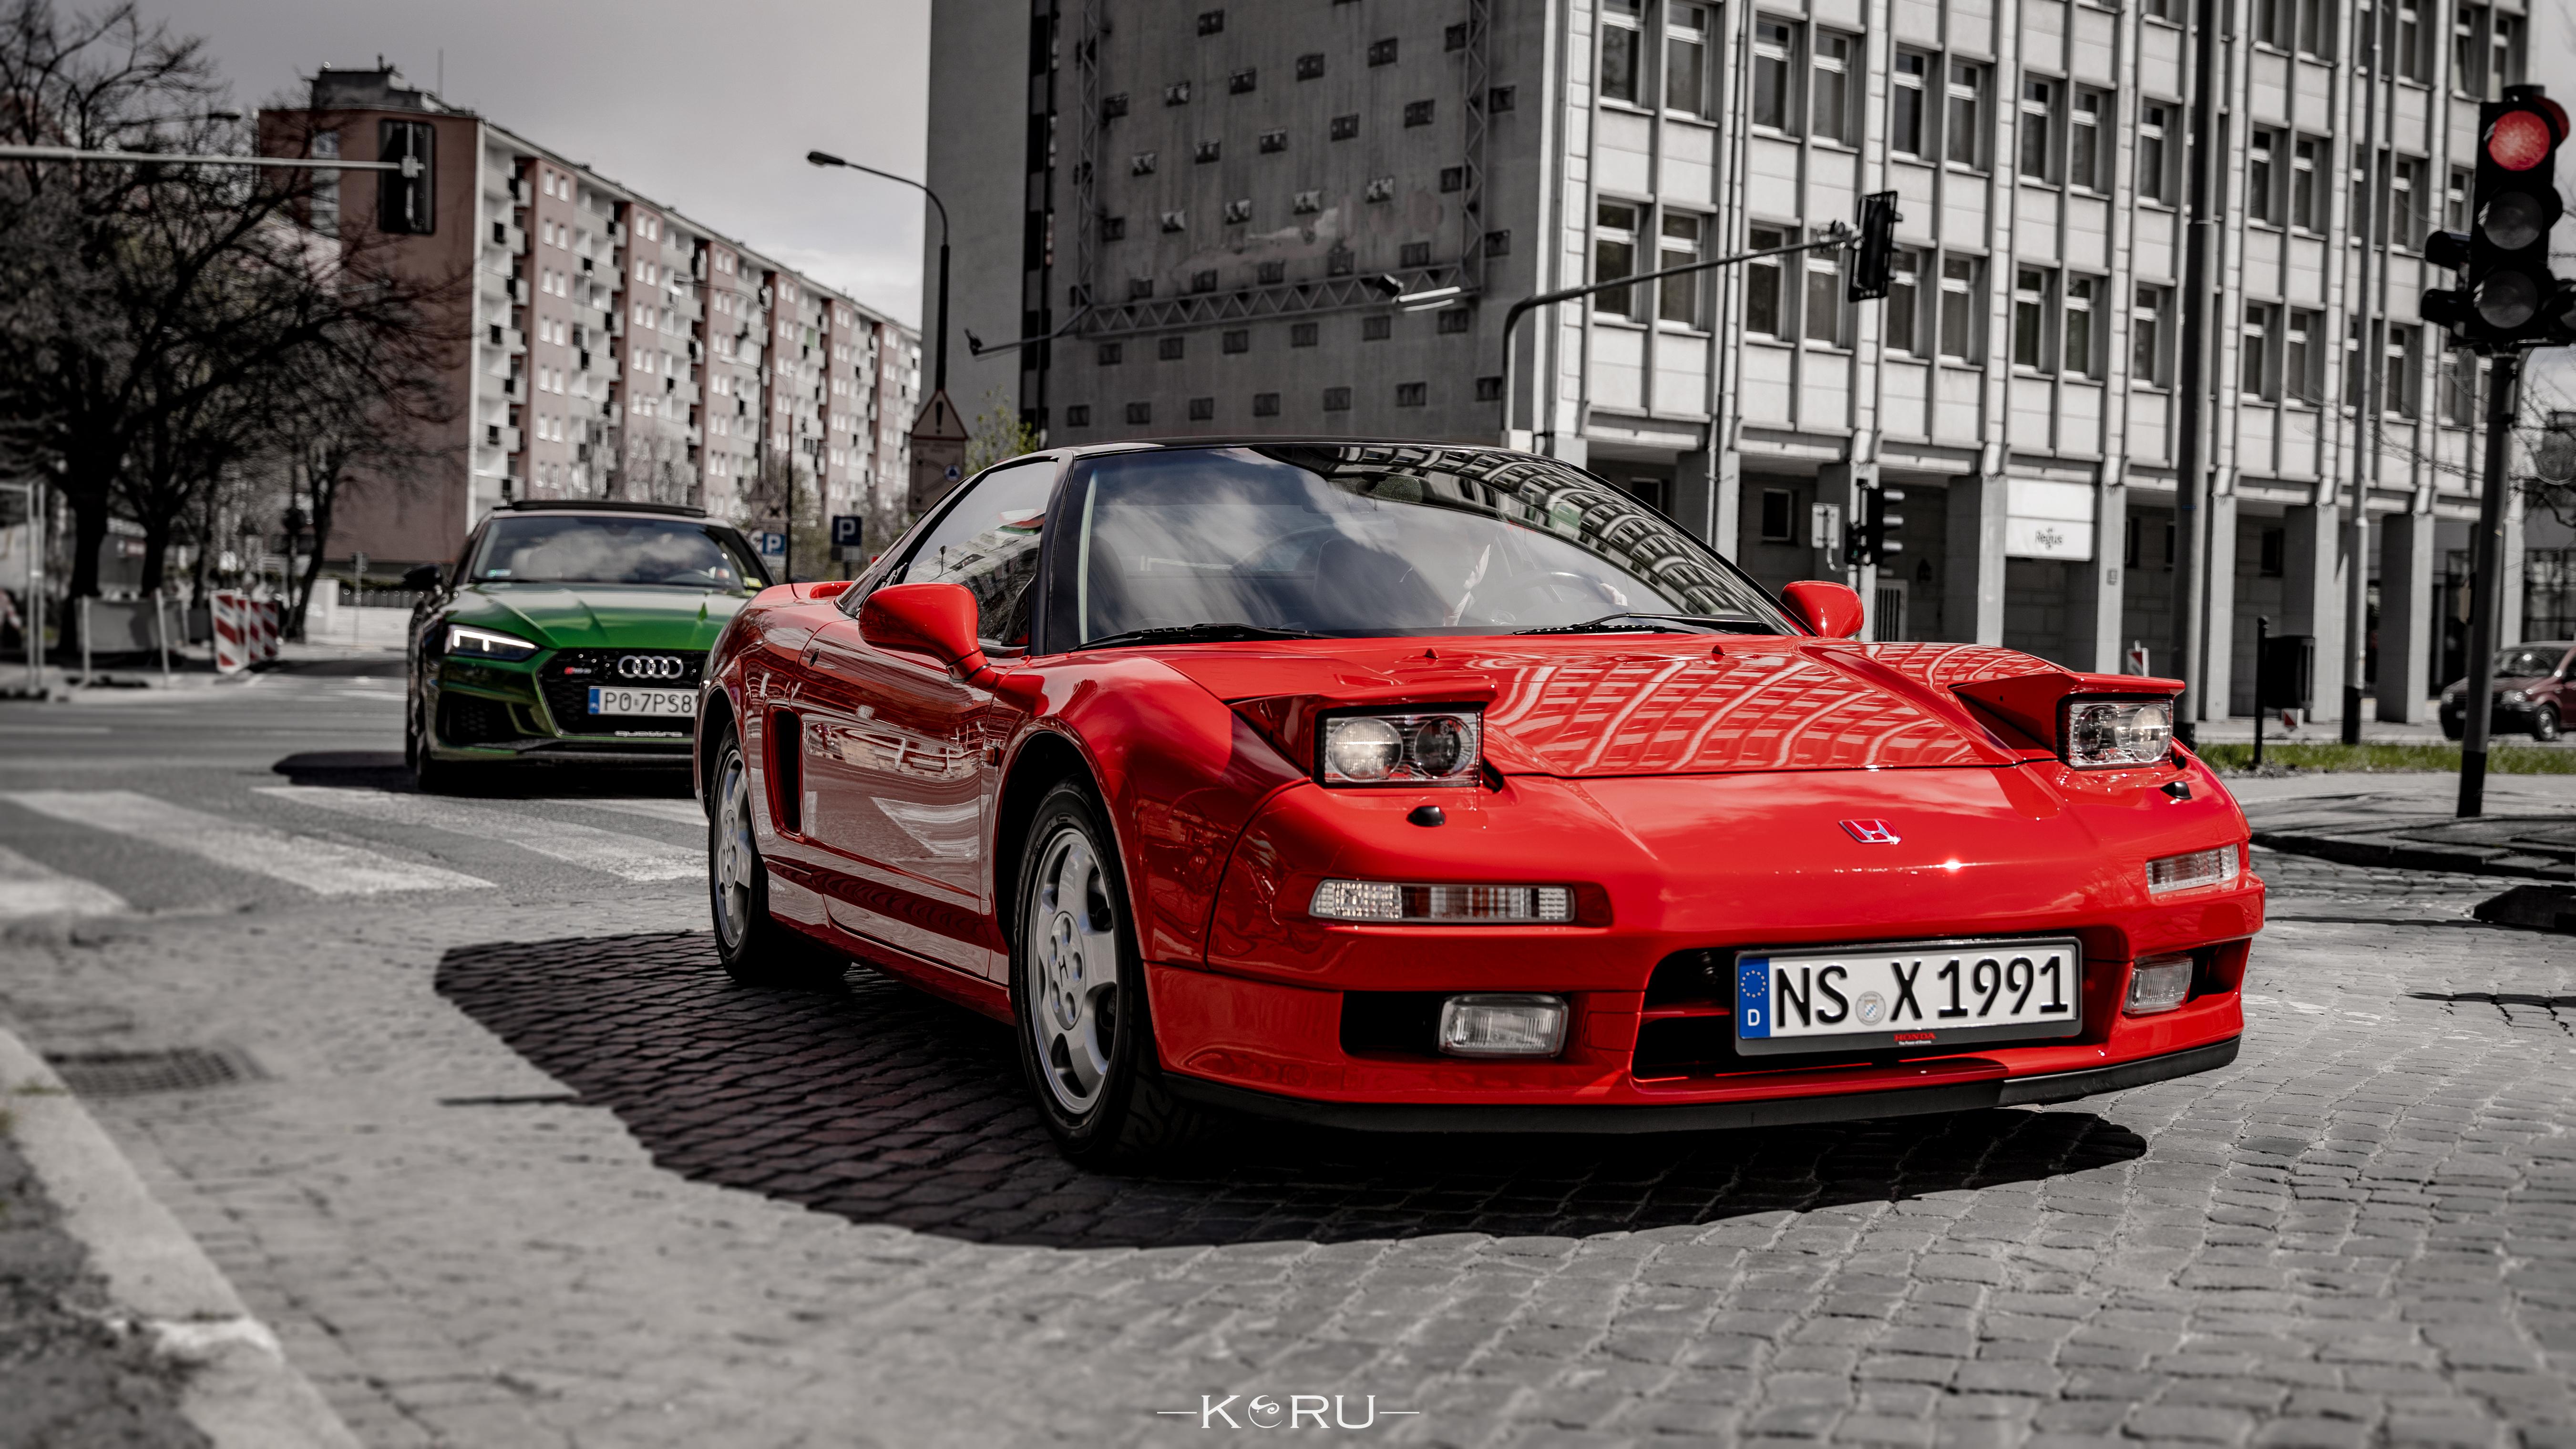 portfolio/059/149059/KORU_Cars_2_wwvr7F0.jpg